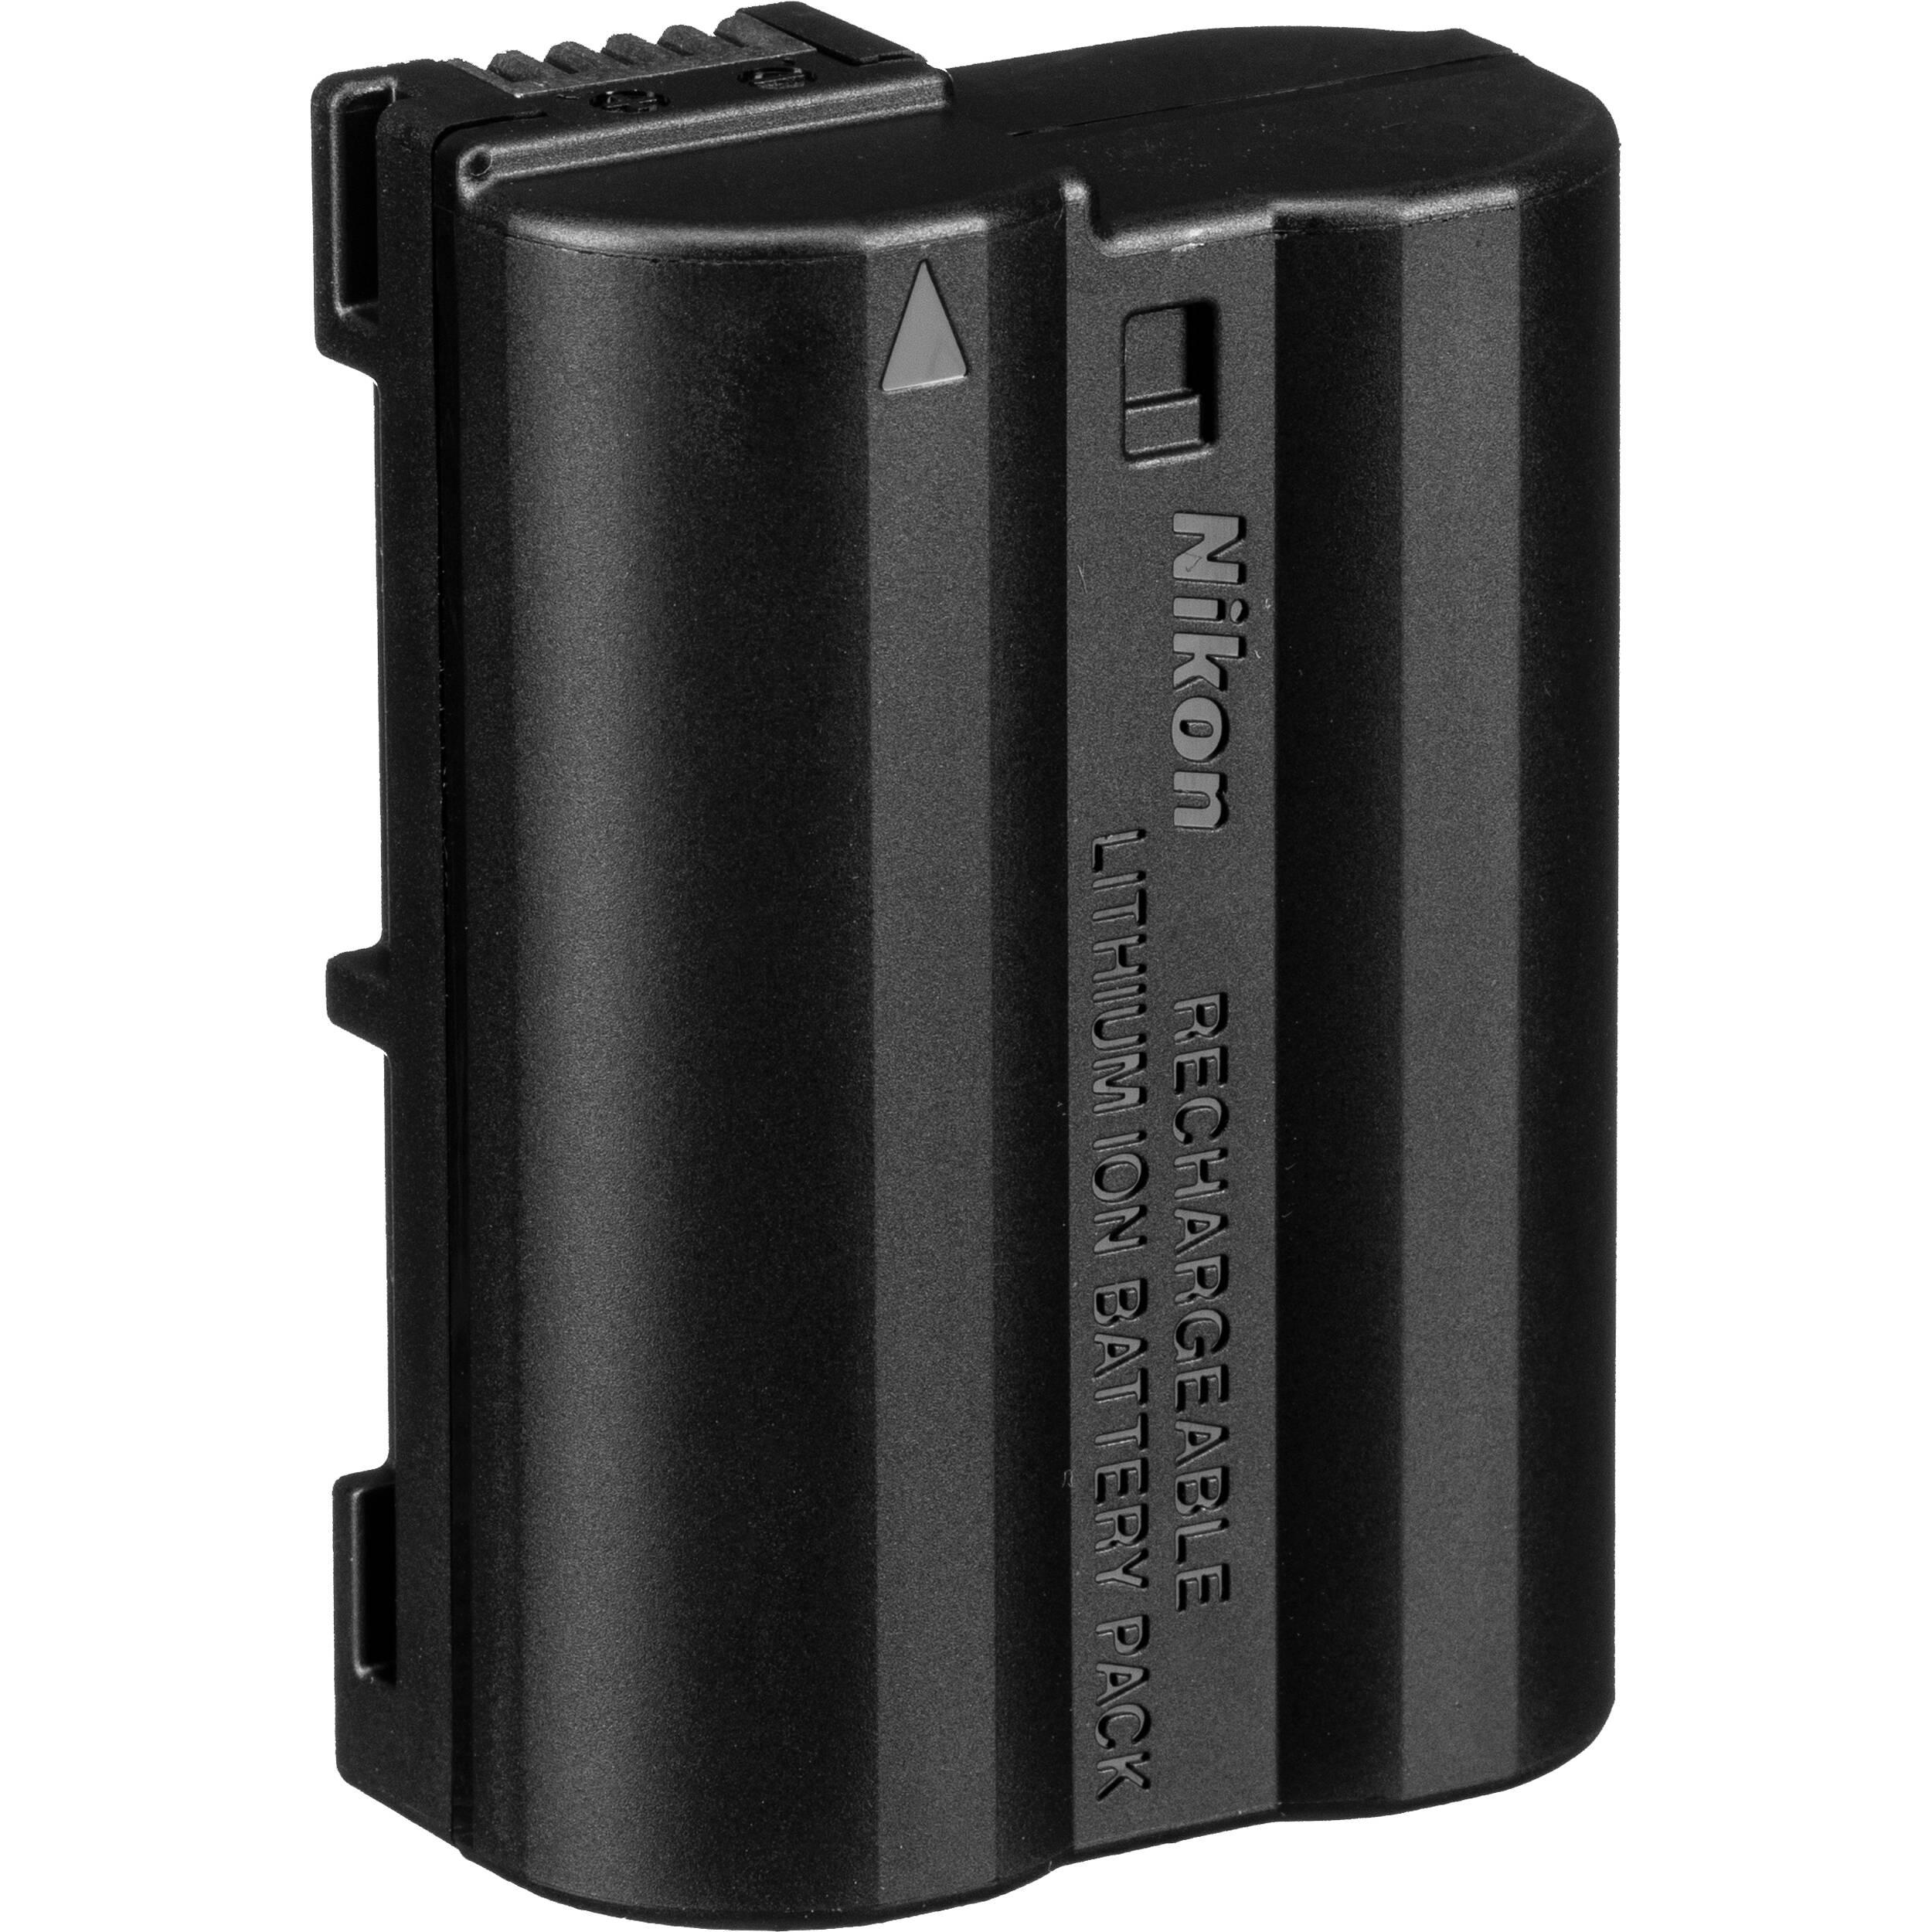 Bateria para Nikon en-el15a en-el15 2000mah